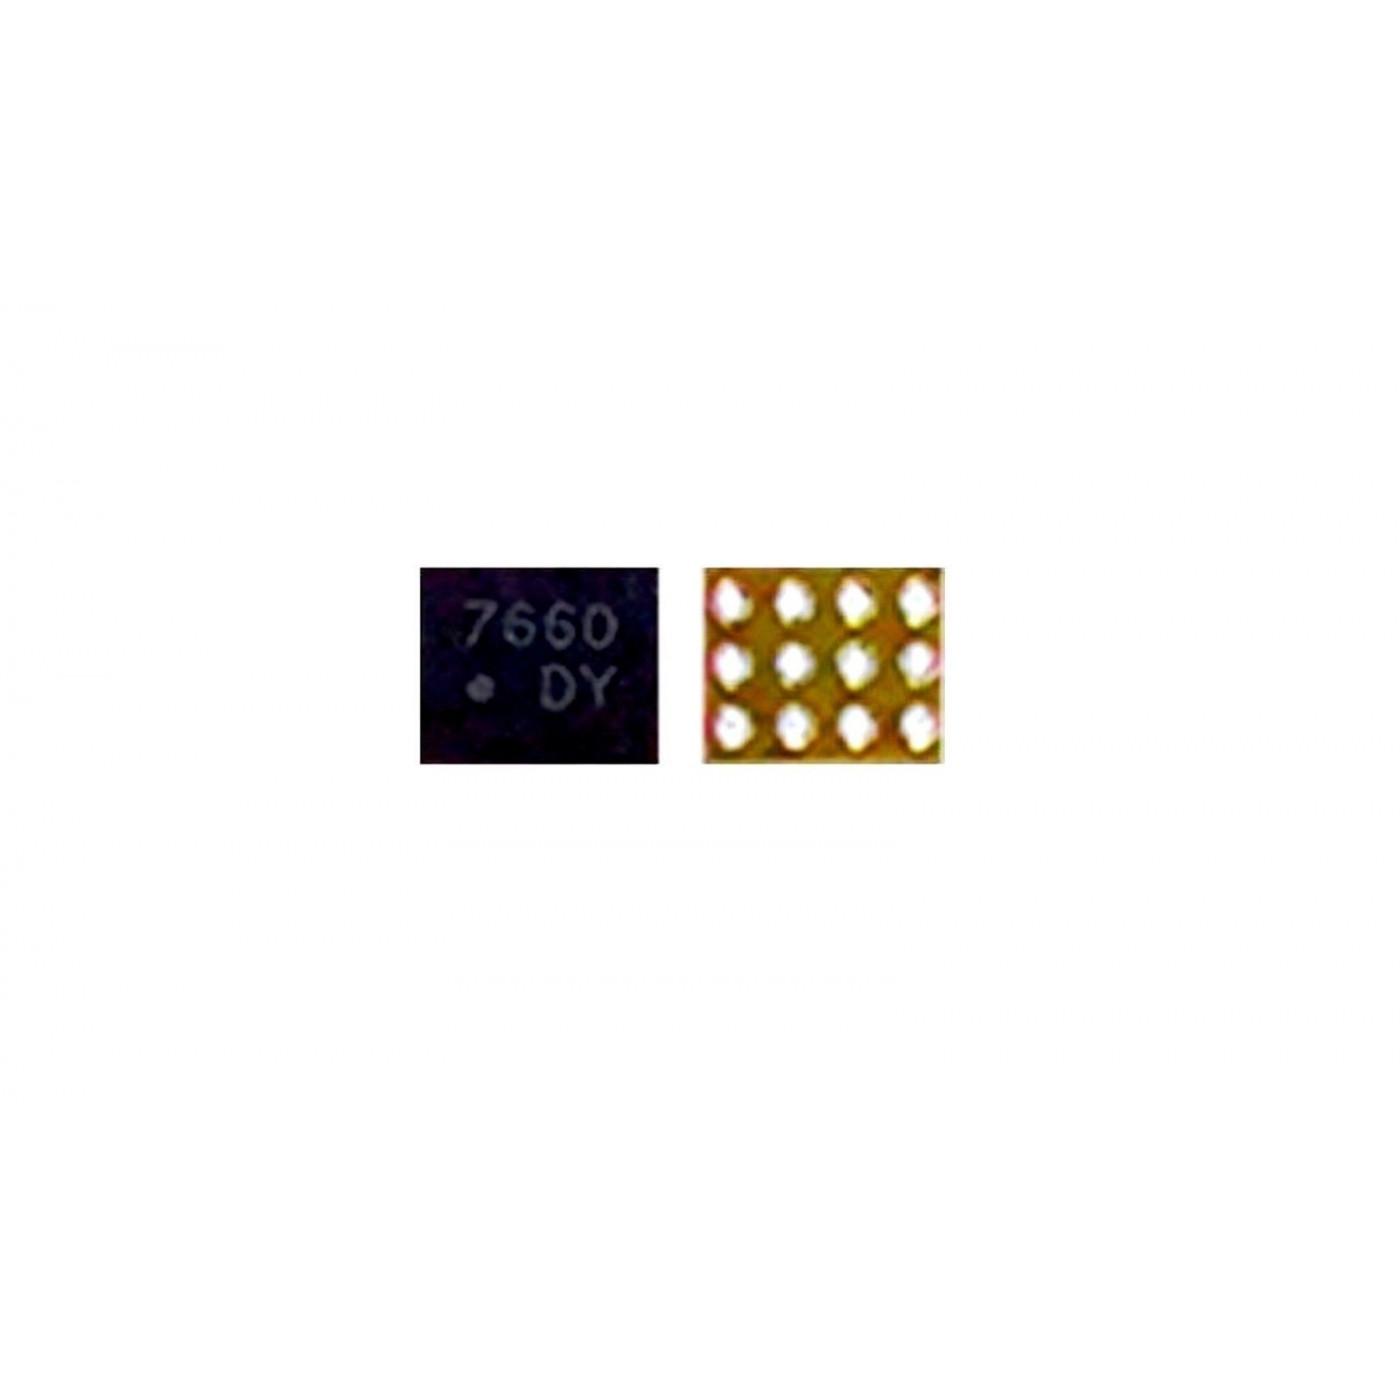 IC CHIP U1502 - U1580 Backlight Controllo Luce 12 Pin per IPHONE 6 - 6 Plus